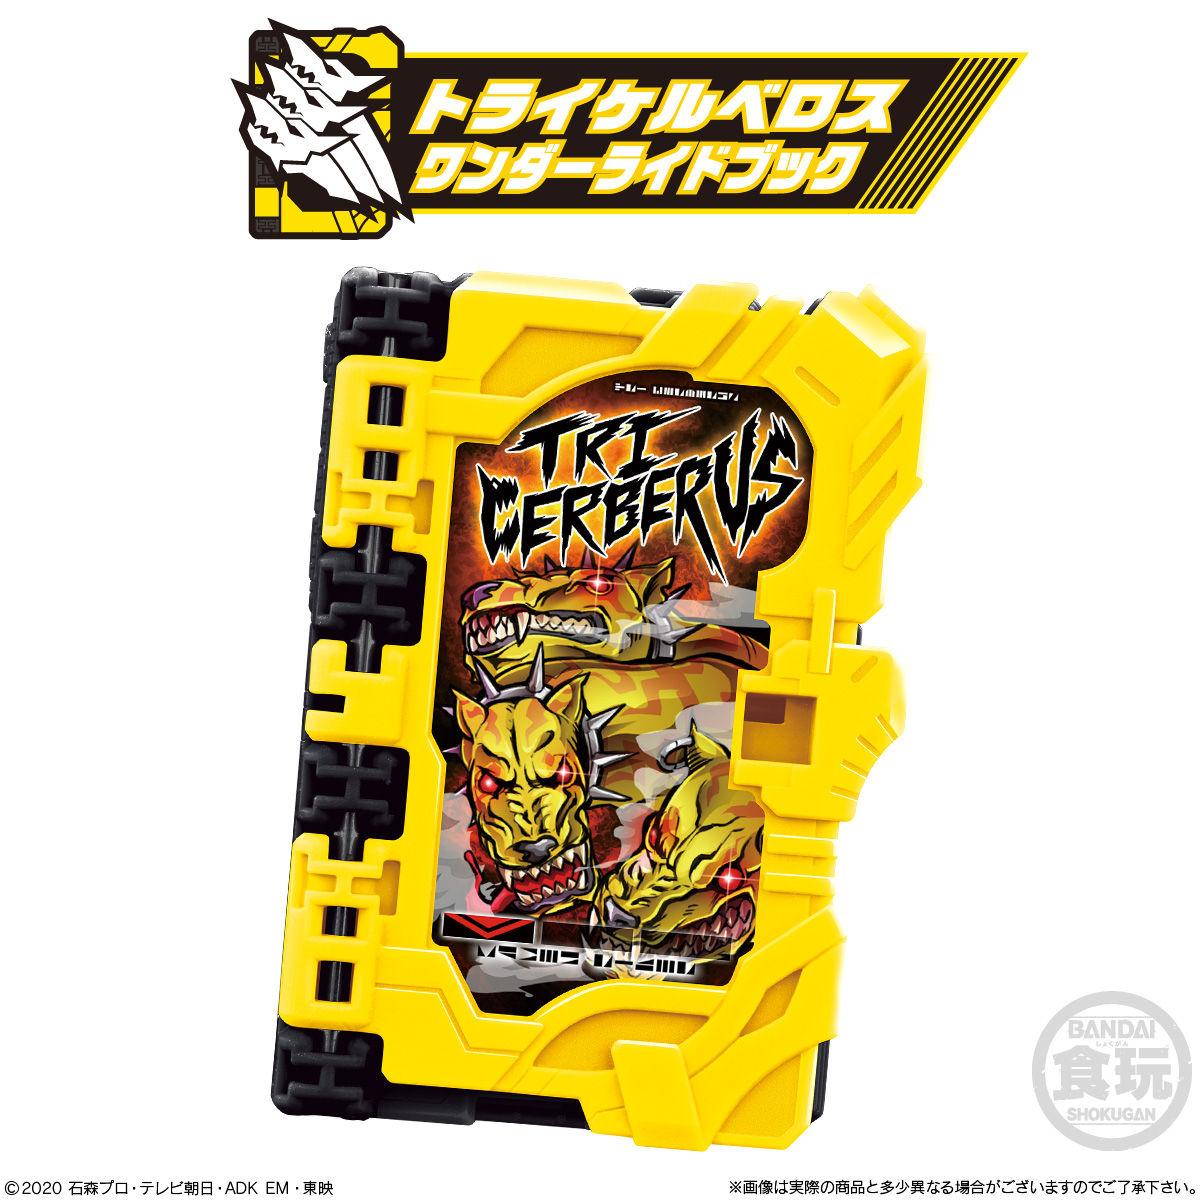 【食玩】仮面ライダーセイバー『コレクタブルワンダーライドブック SG04』8個入りBOX-004